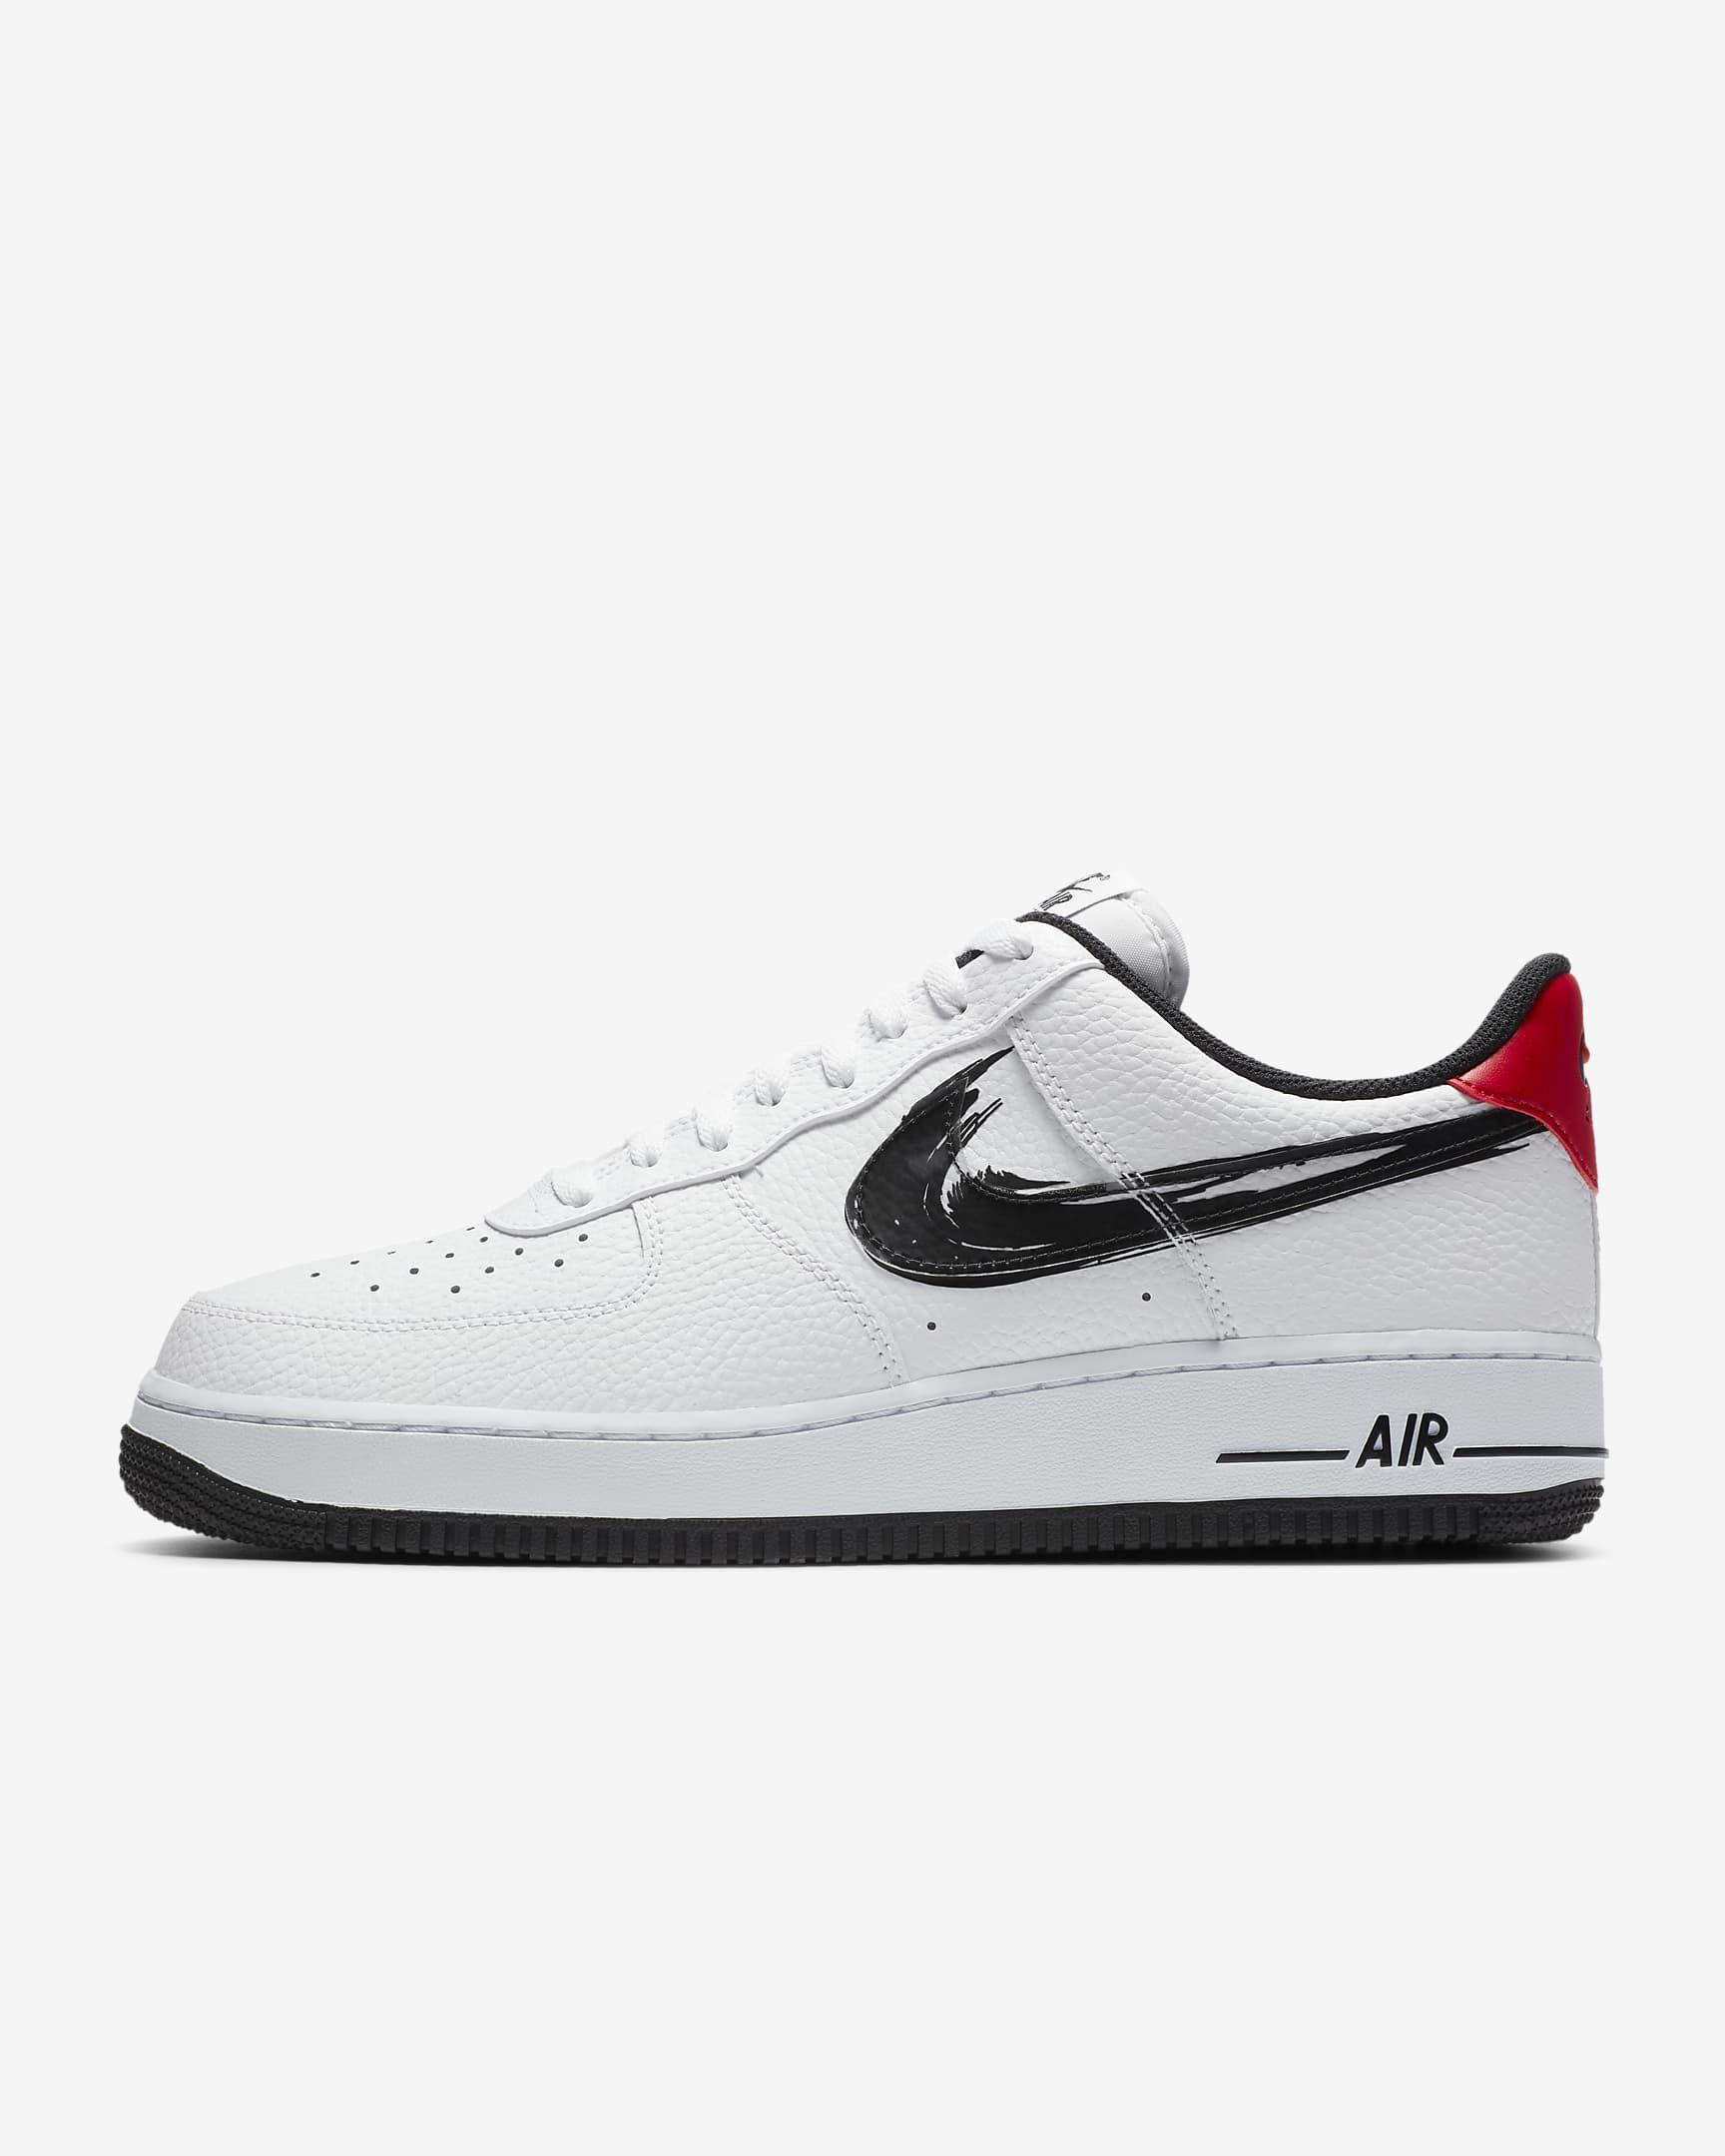 nike air force 1 getekende swoosh, sneakers, week 31